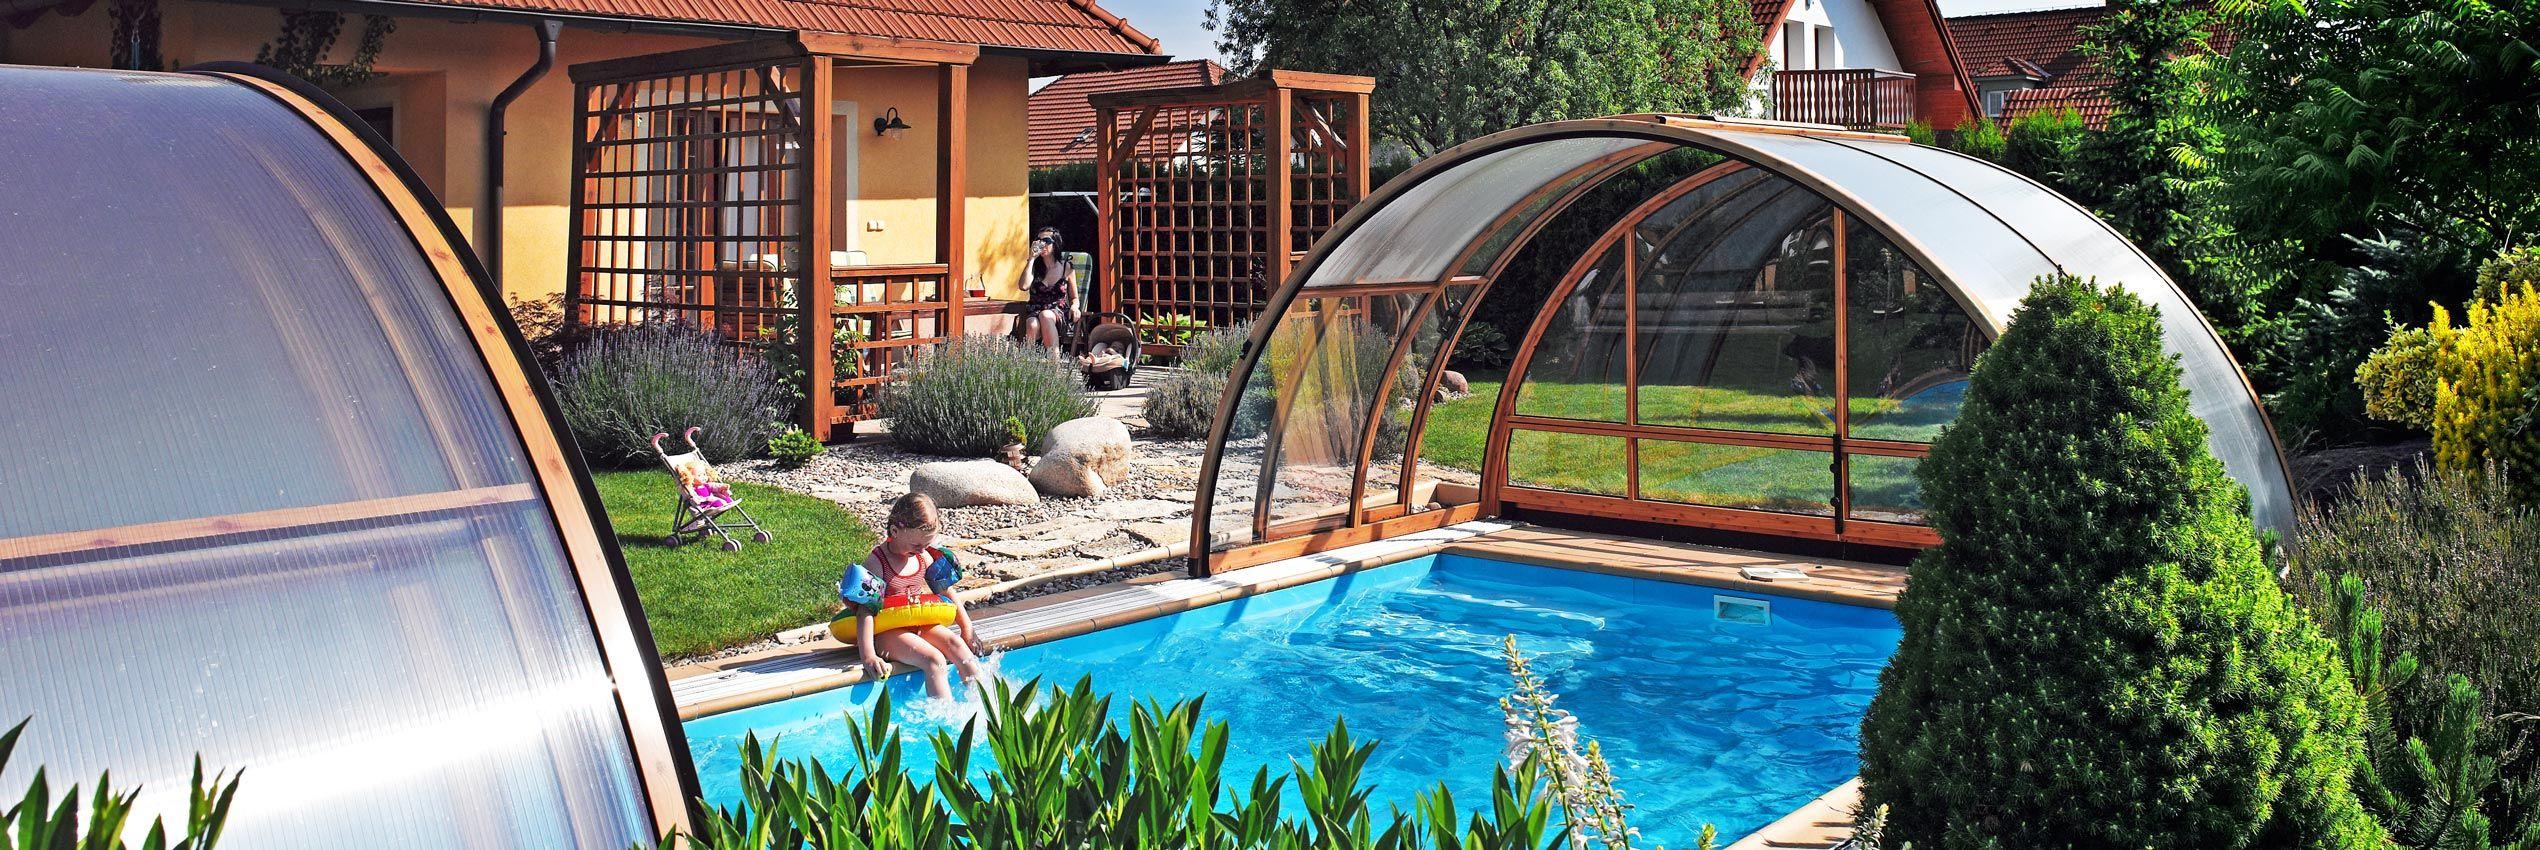 Coperture piscine lista di copertura telescopica bassa media e alta - Coperture mobili per piscine ...